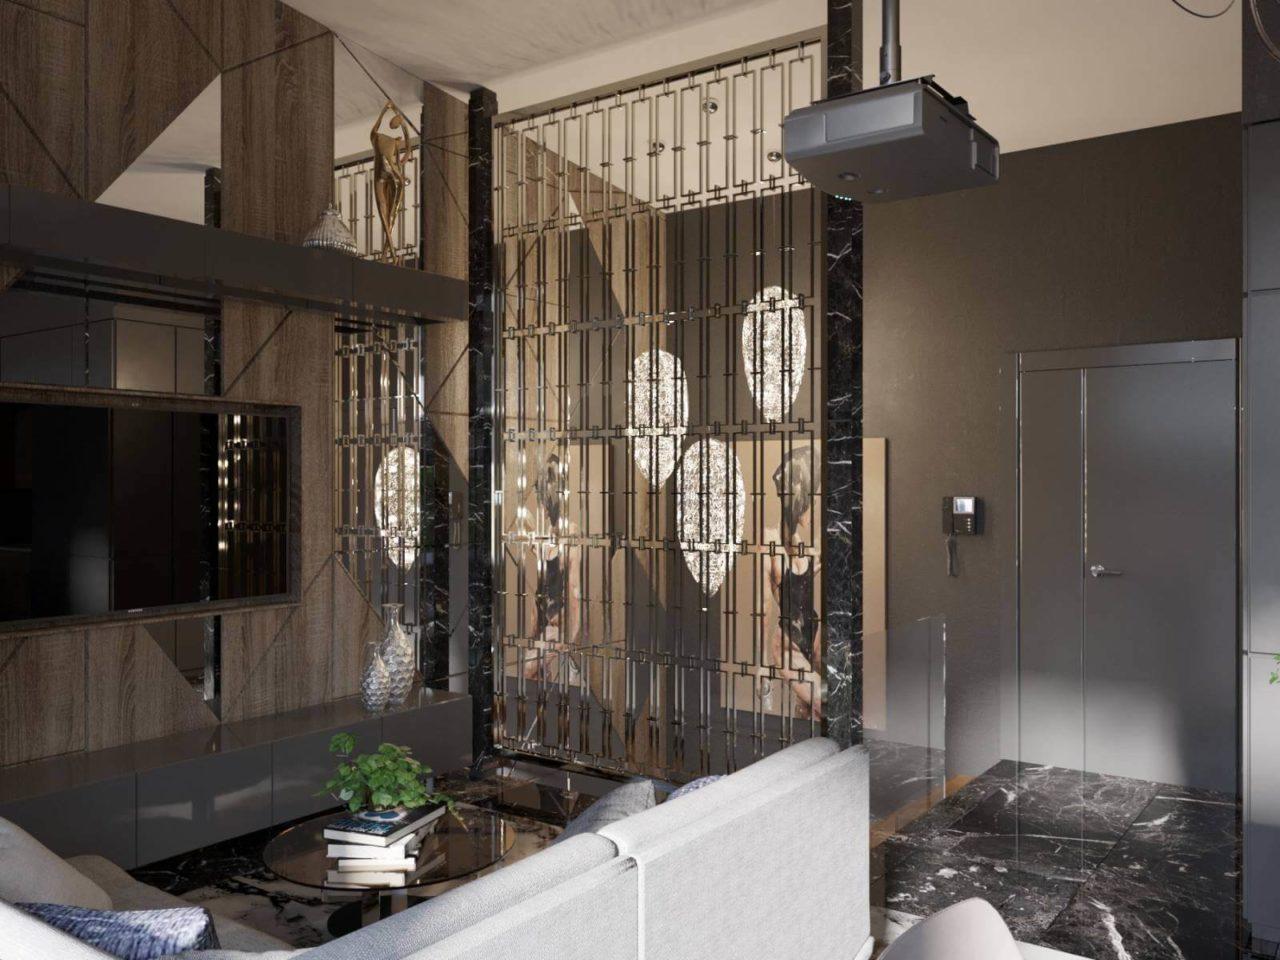 Дизайн проект двухэтажная квартира с террасой, Ирпень | 2 этаж фото 8